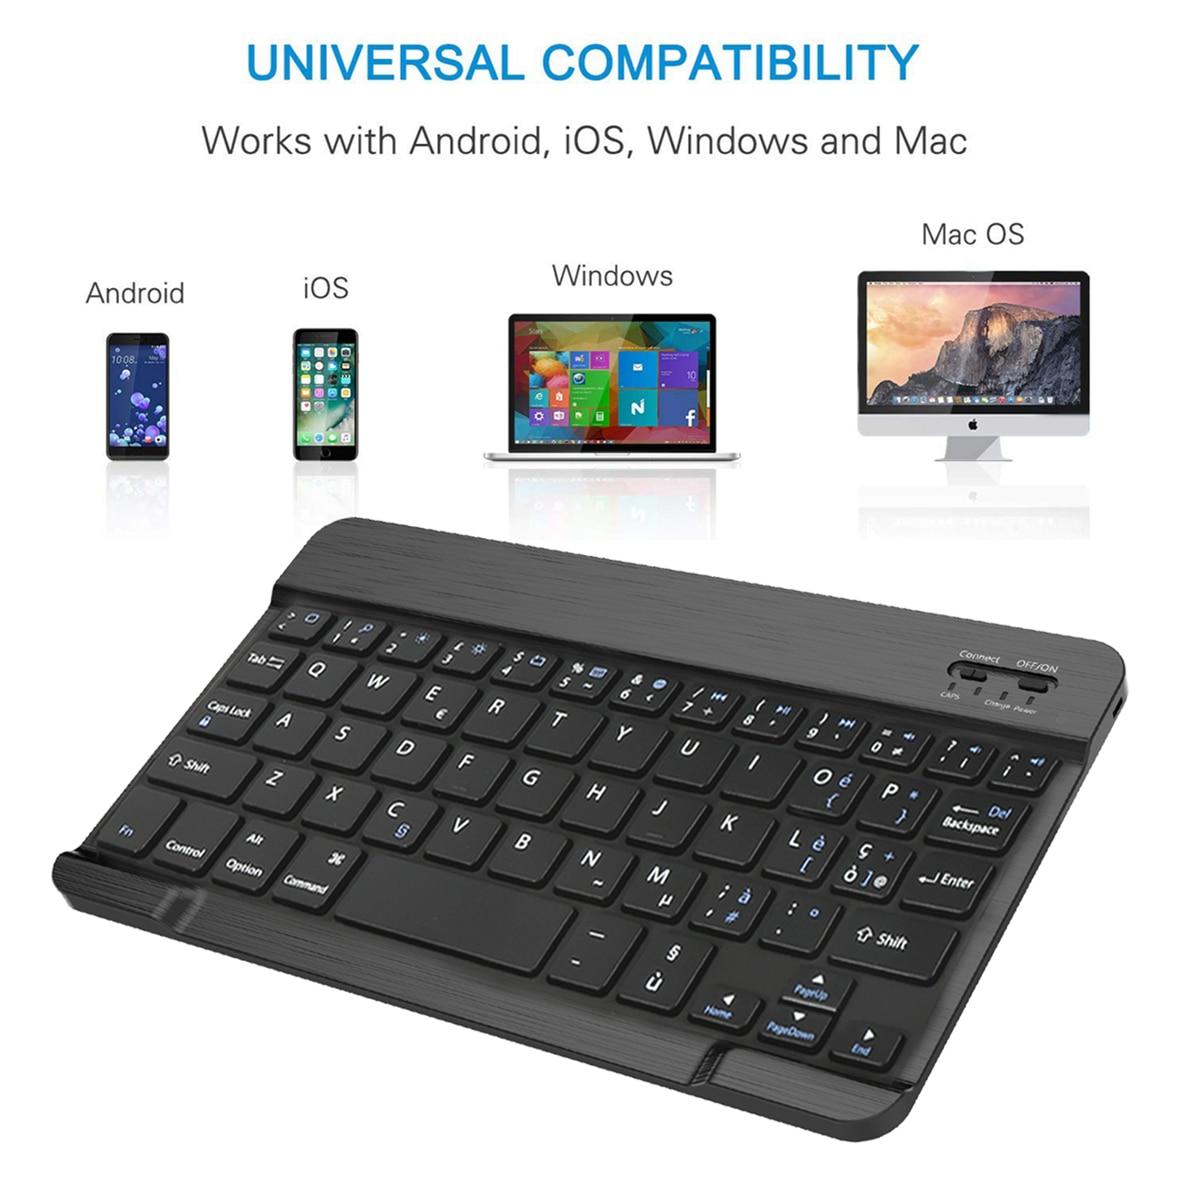 תאורה אחורית עבור Samsung Galaxy Tab 10.5 A2 עיצוב T595 T590 להפרדה Tablet איטלקית Bluetooth עם תאורה אחורית עור מקלדת מקרה ייחודי Stripe (4)